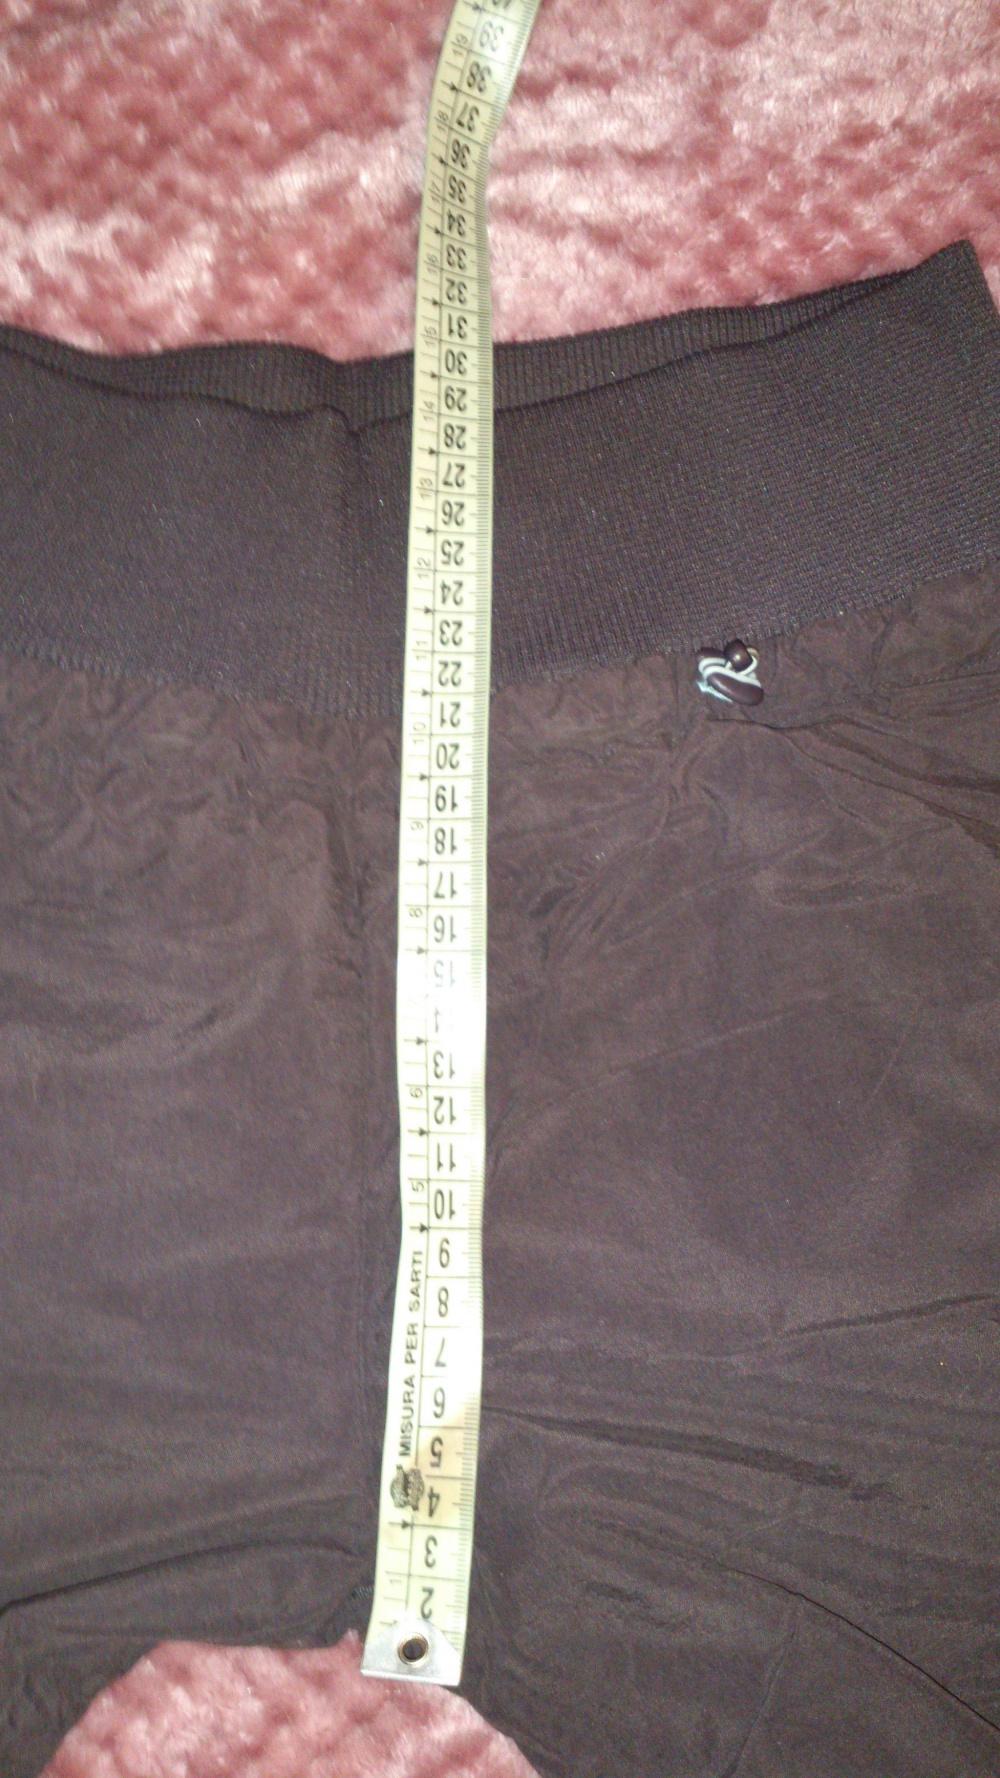 Брюки спортивные Reebok плотные, размер S = 42-44 (рос), Германия